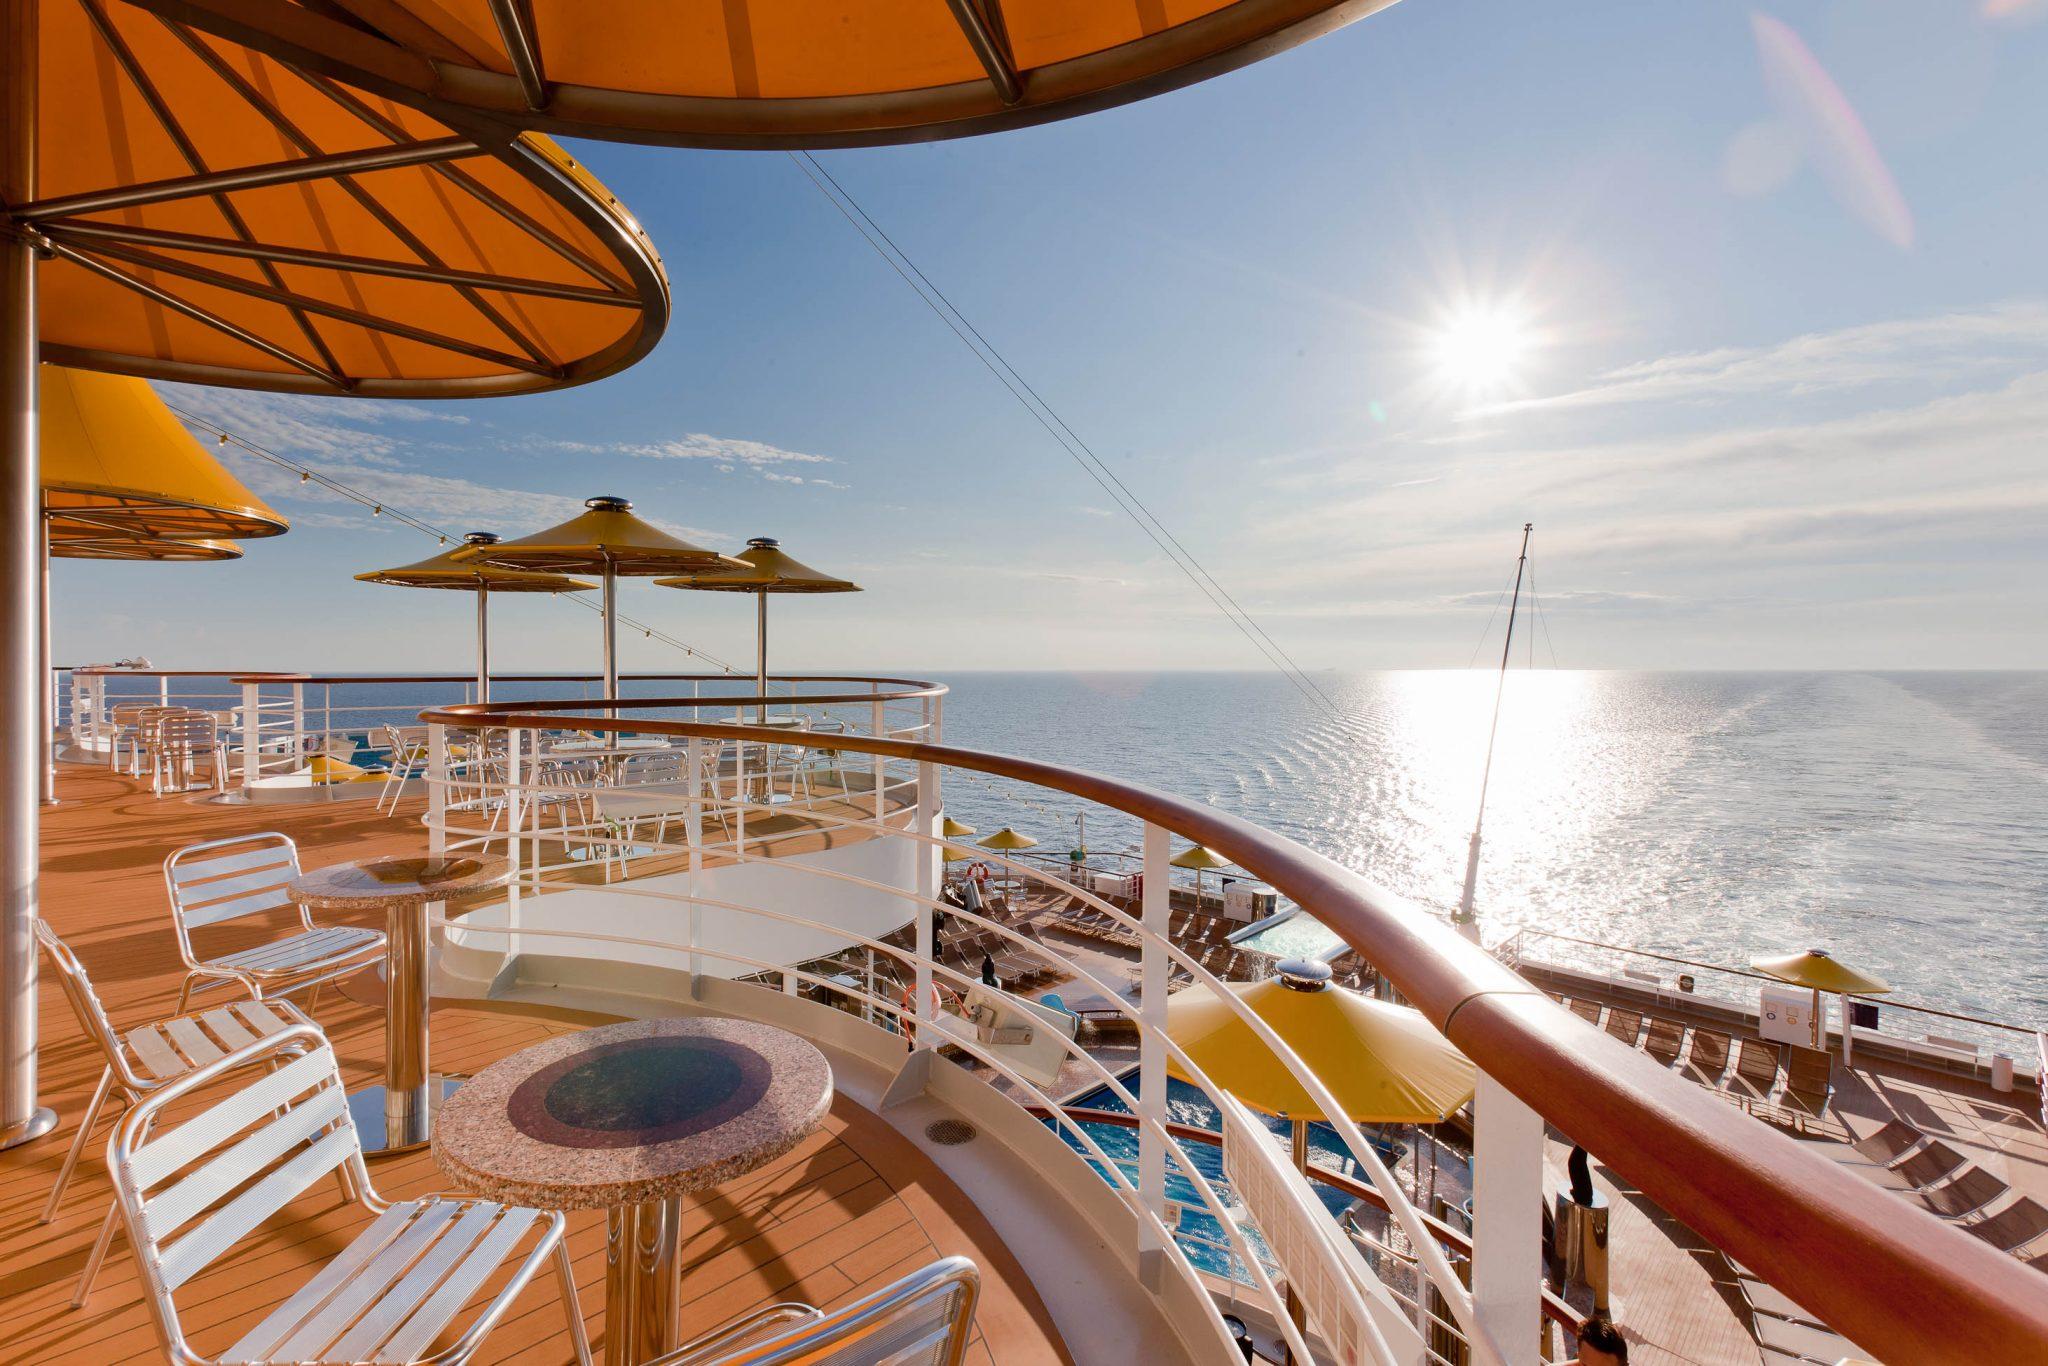 Crociera costa fascinosa la nave vip il blog di for Costa favolosa ponti